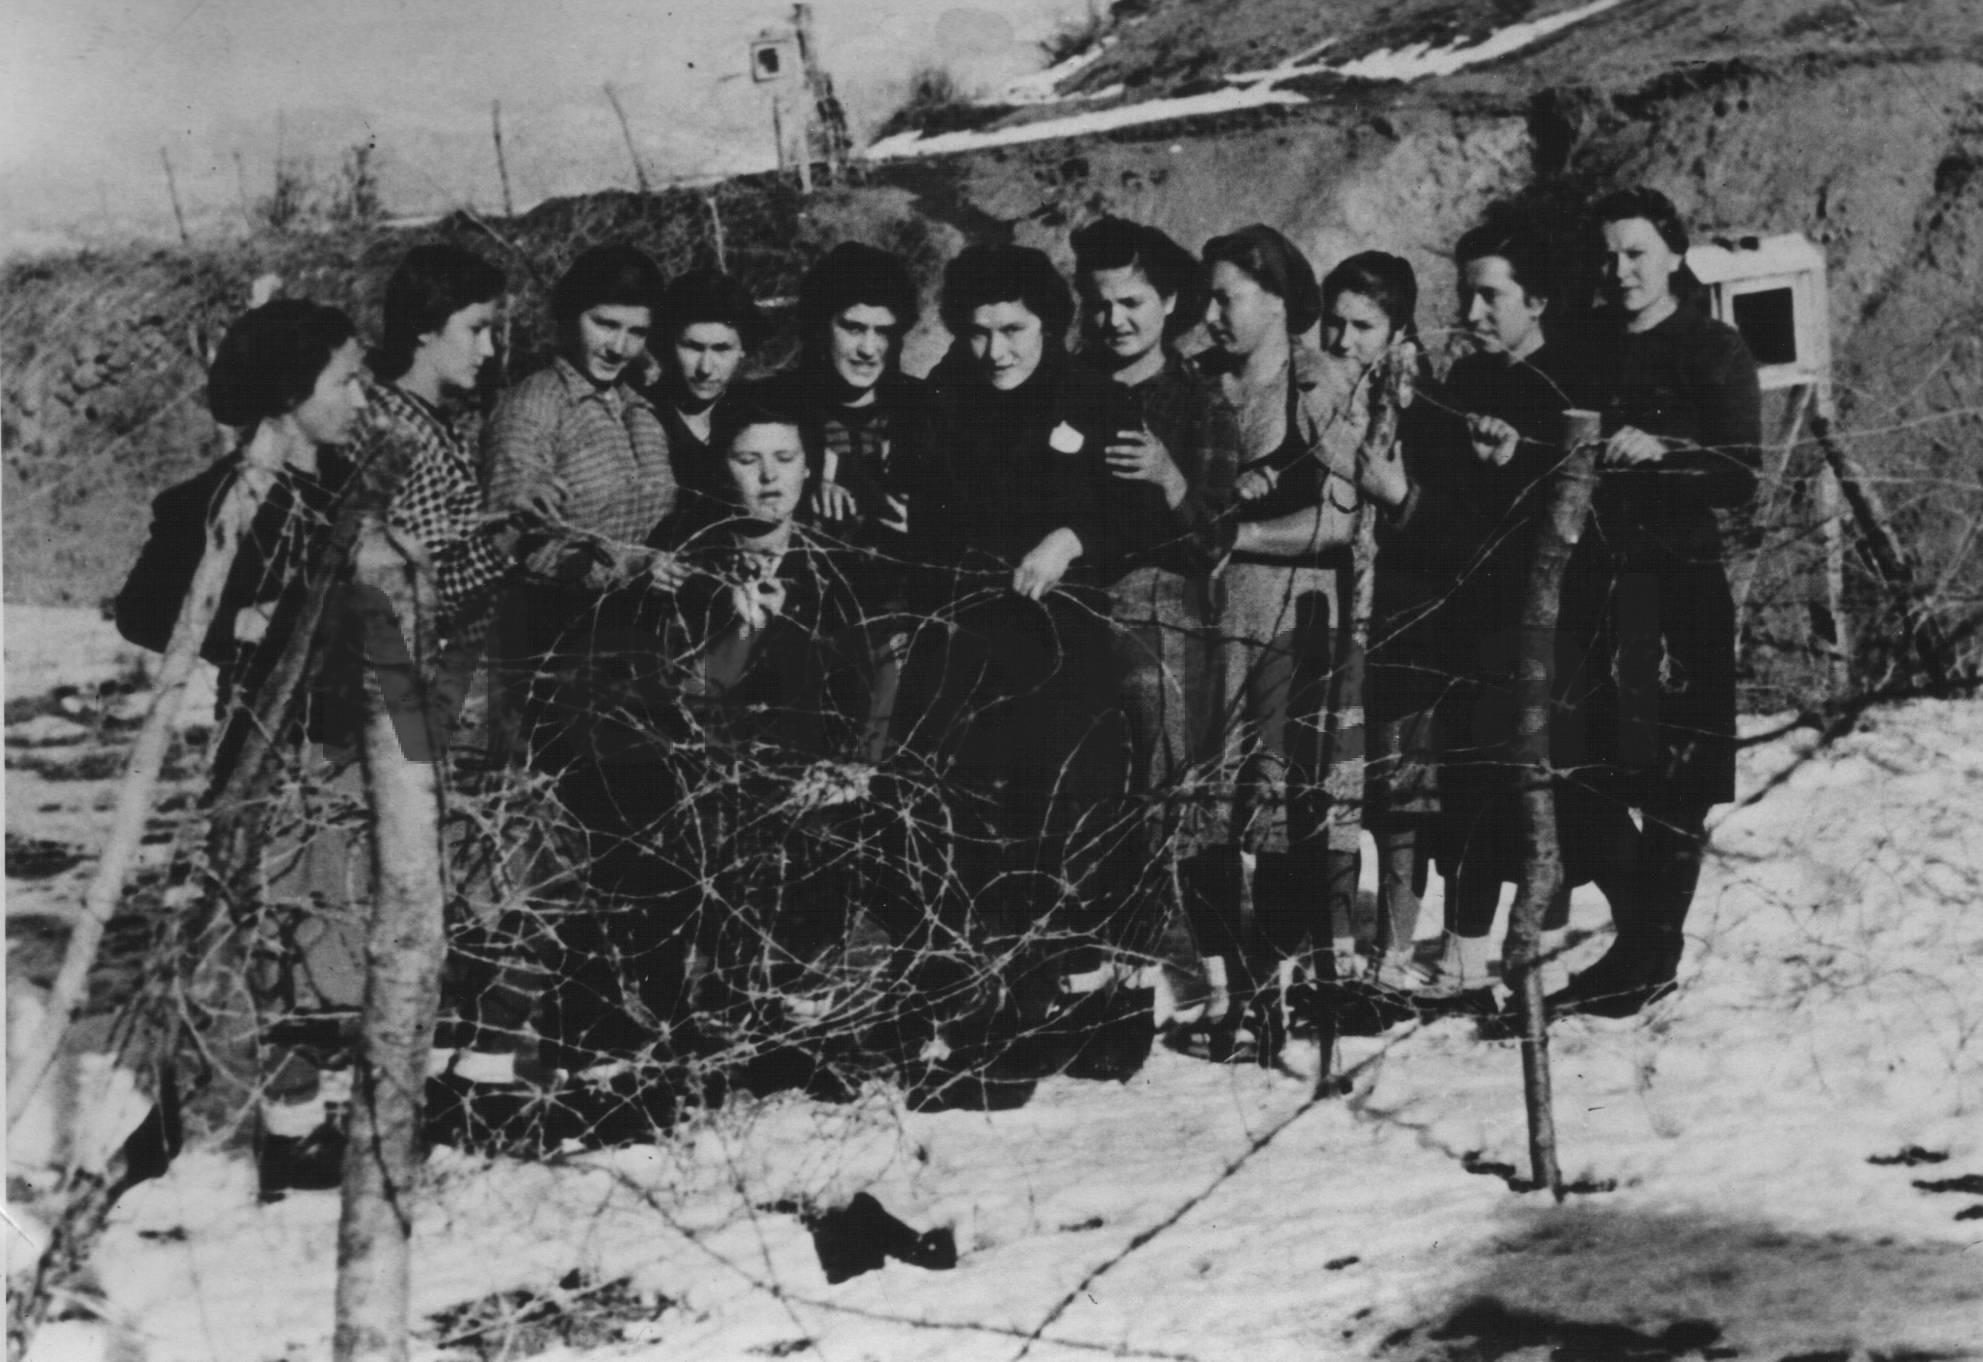 Si na i therën shokët në kamp dhe tentativa e Sigurimit për të eliminuar tim shoq/ Historia e çiftit komunist, aktivë të aksioneve të bujshme në Tiranë